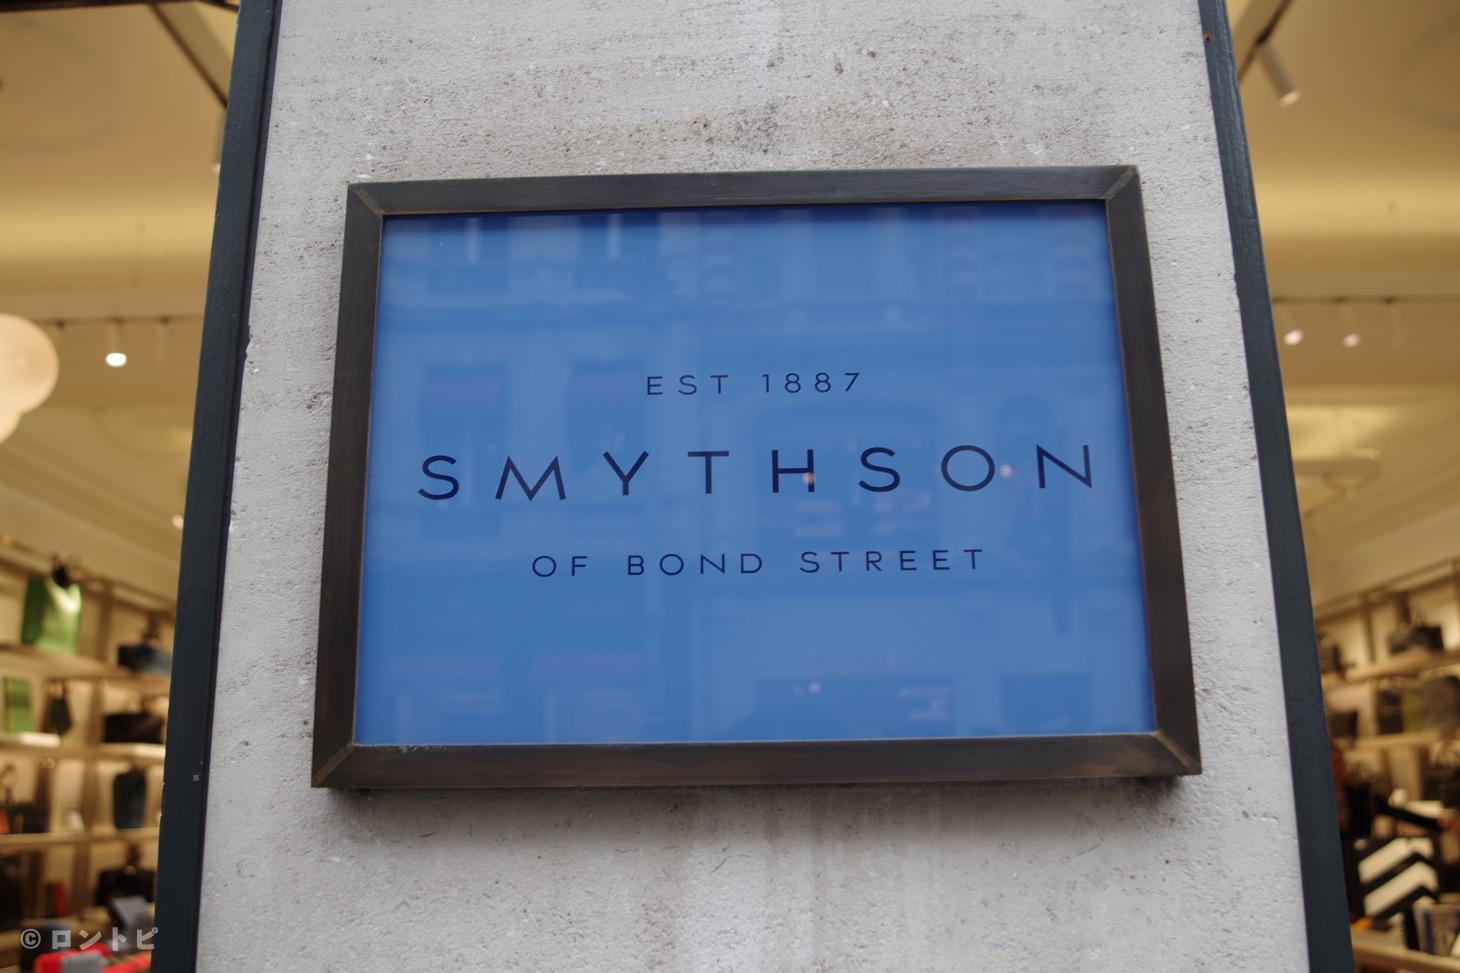 スマイソン ロンドン 本店